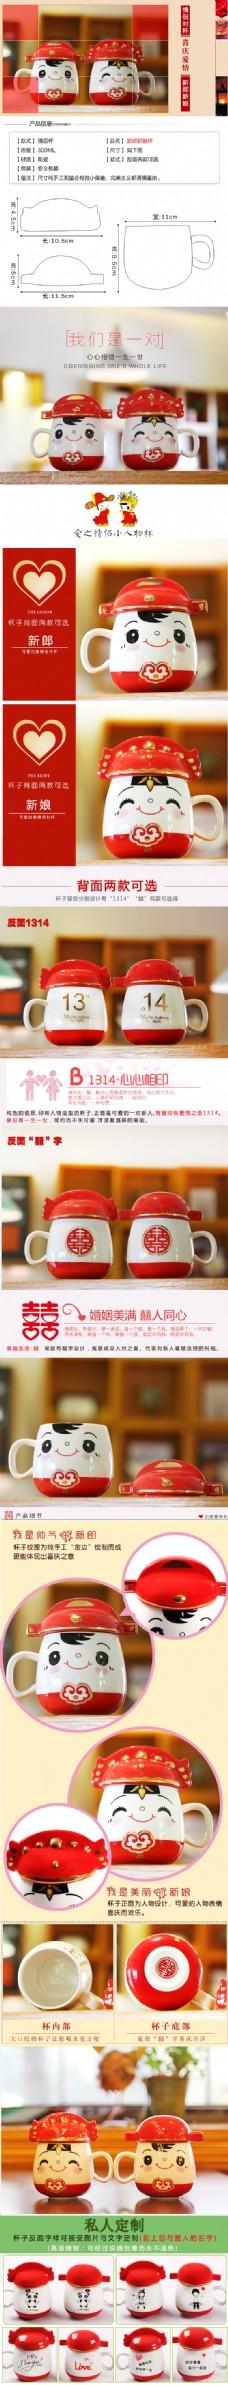 喜庆陶瓷情侣杯详情页